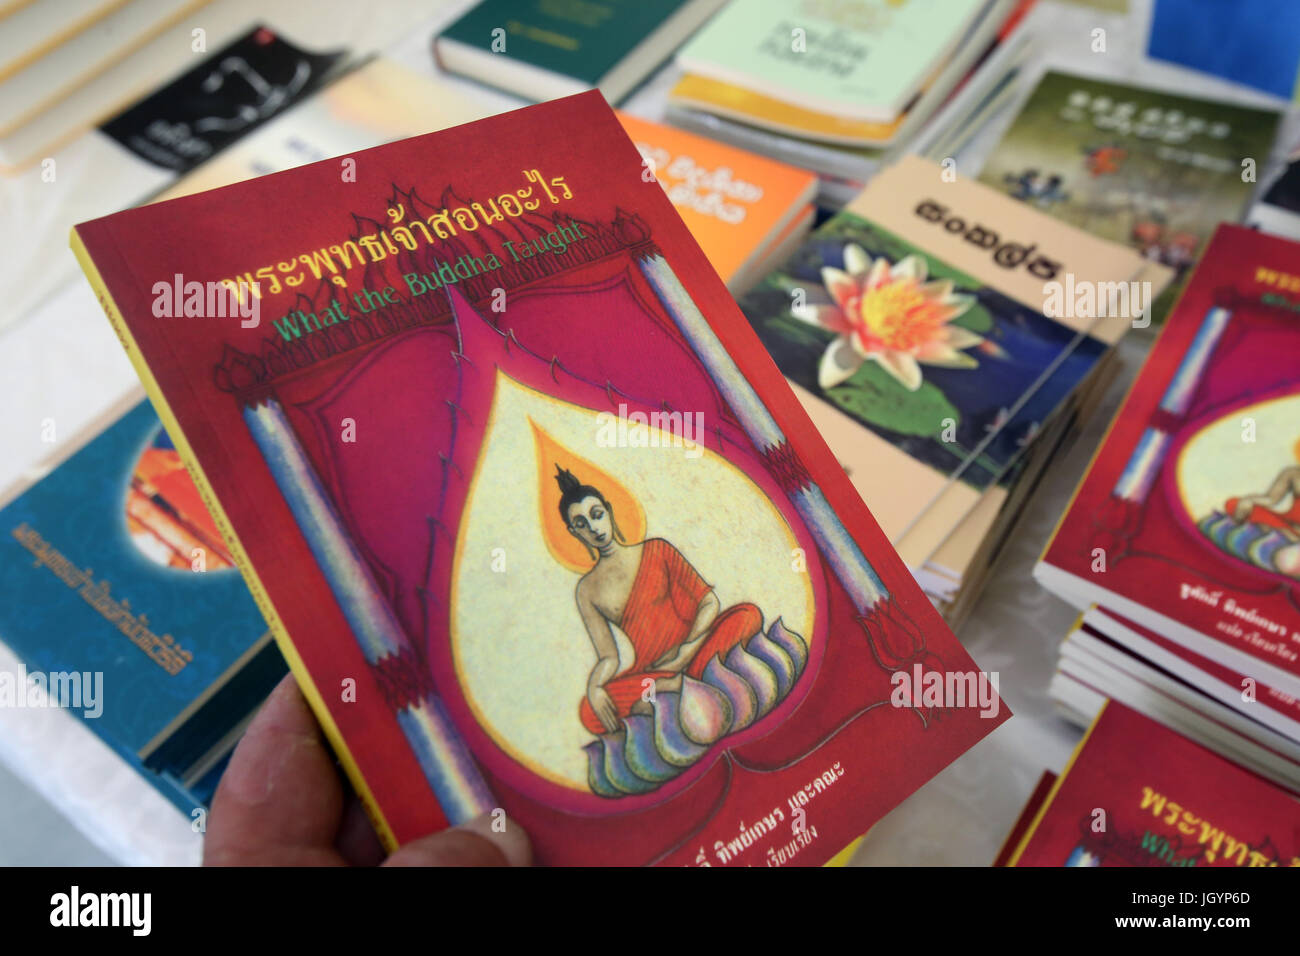 Buddhist books. The Buddha and his teachings.  Geneva. Switzerland. - Stock Image